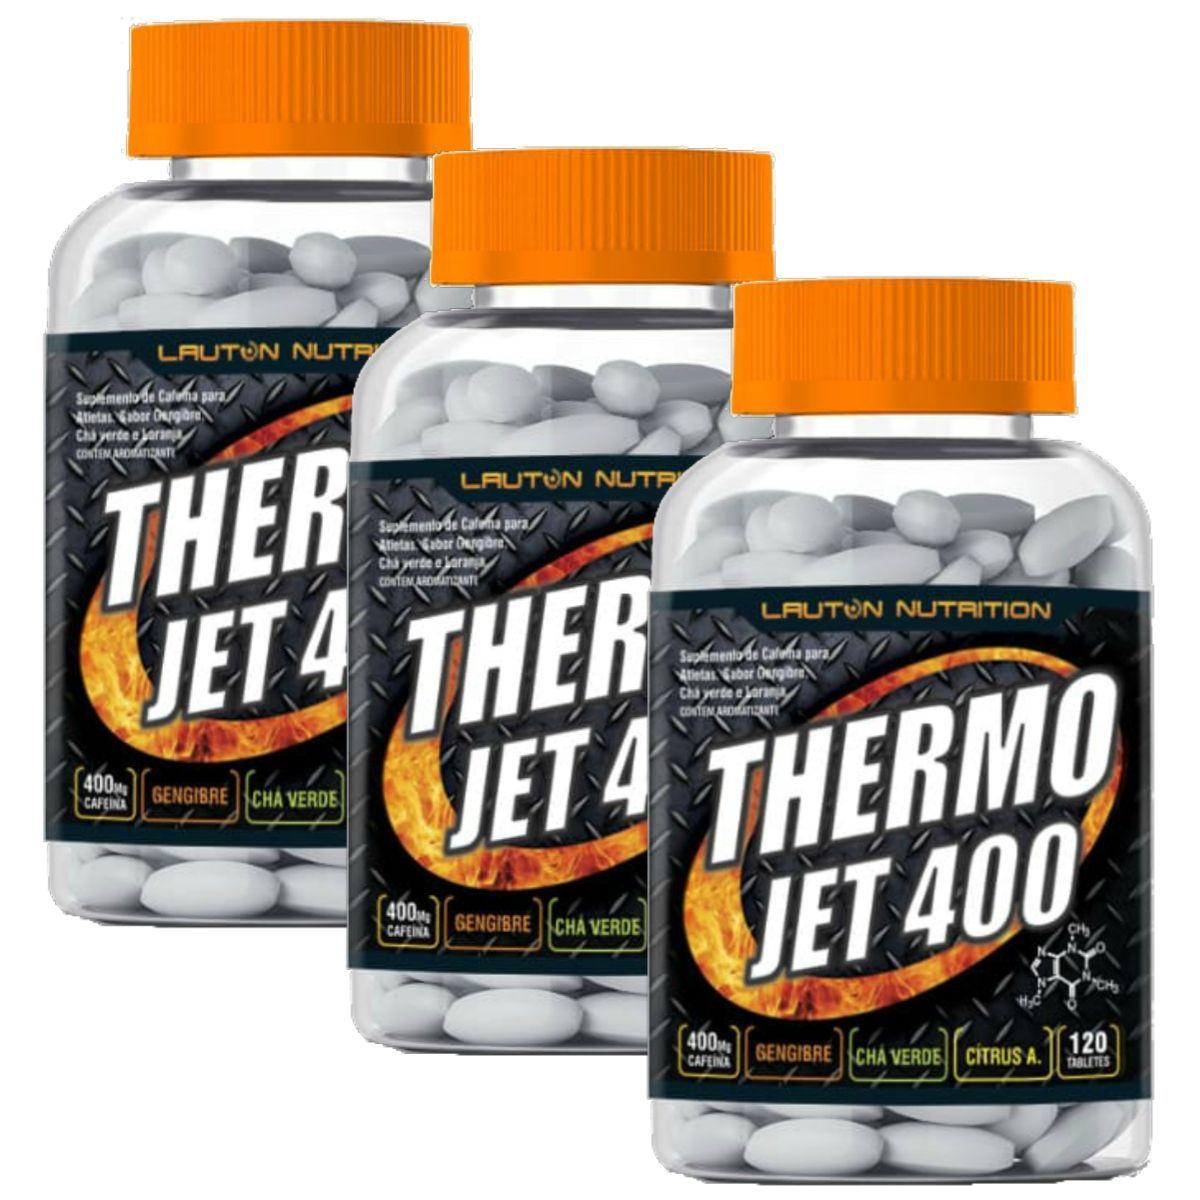 Kit 3 Thermo Jet 400 Termogênico Lauton Nutrition 120 Comp